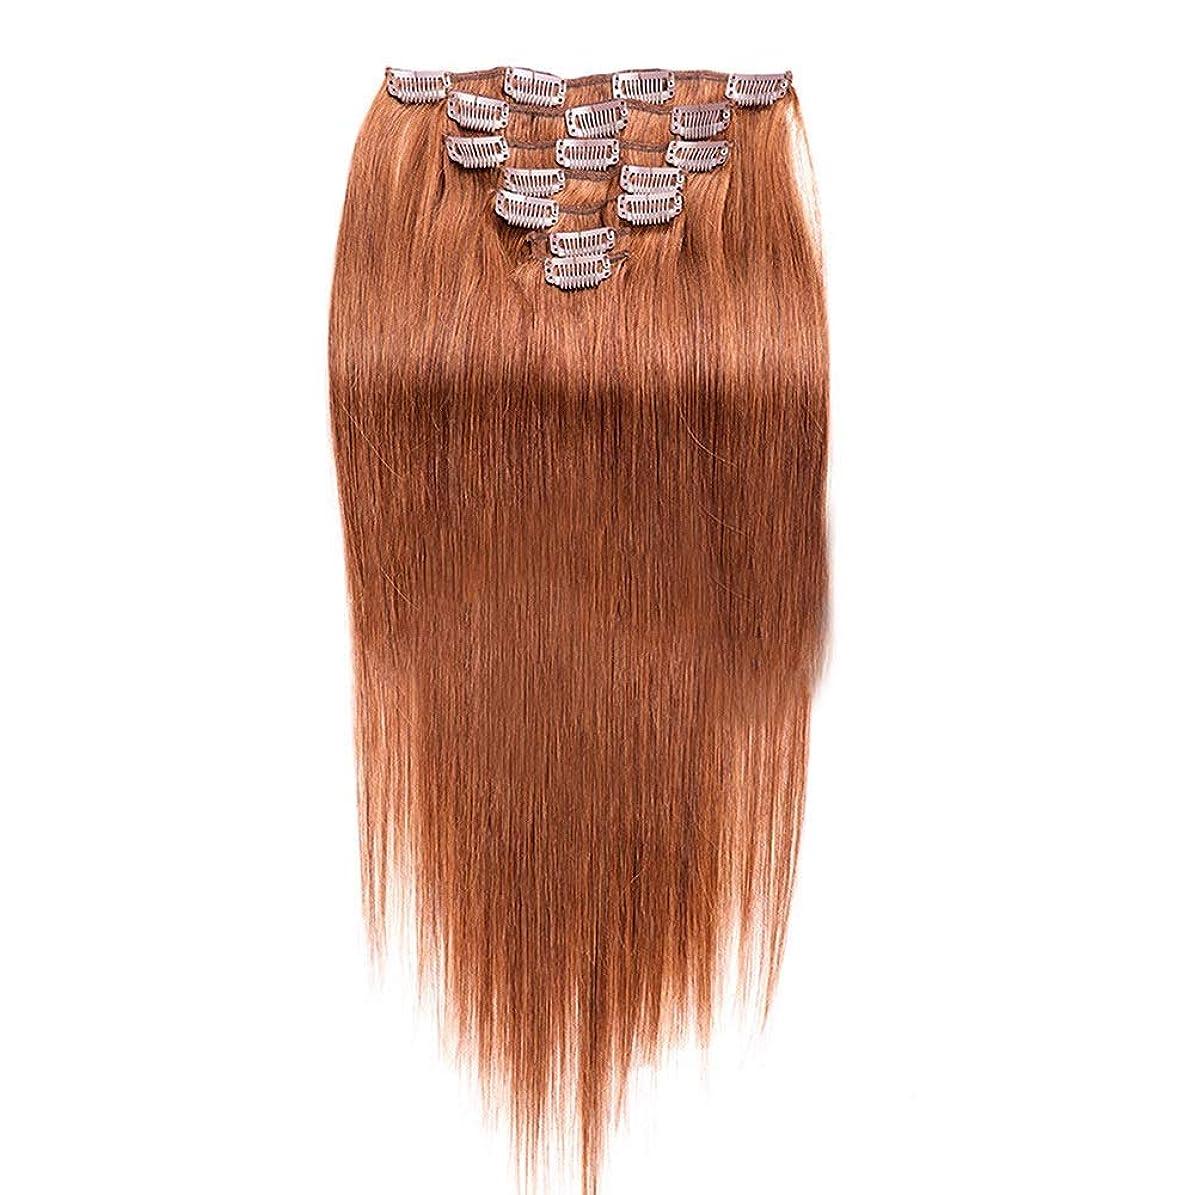 意志教養があるカップHOHYLLYA 人間の髪の毛の拡張子でリアルクリップ - 16インチ7個 - #30茶色がかった黄色の絹のようなストレートヘアピースロールプレイングかつら女性の自然なかつら (色 : #30 Brownish yellow)